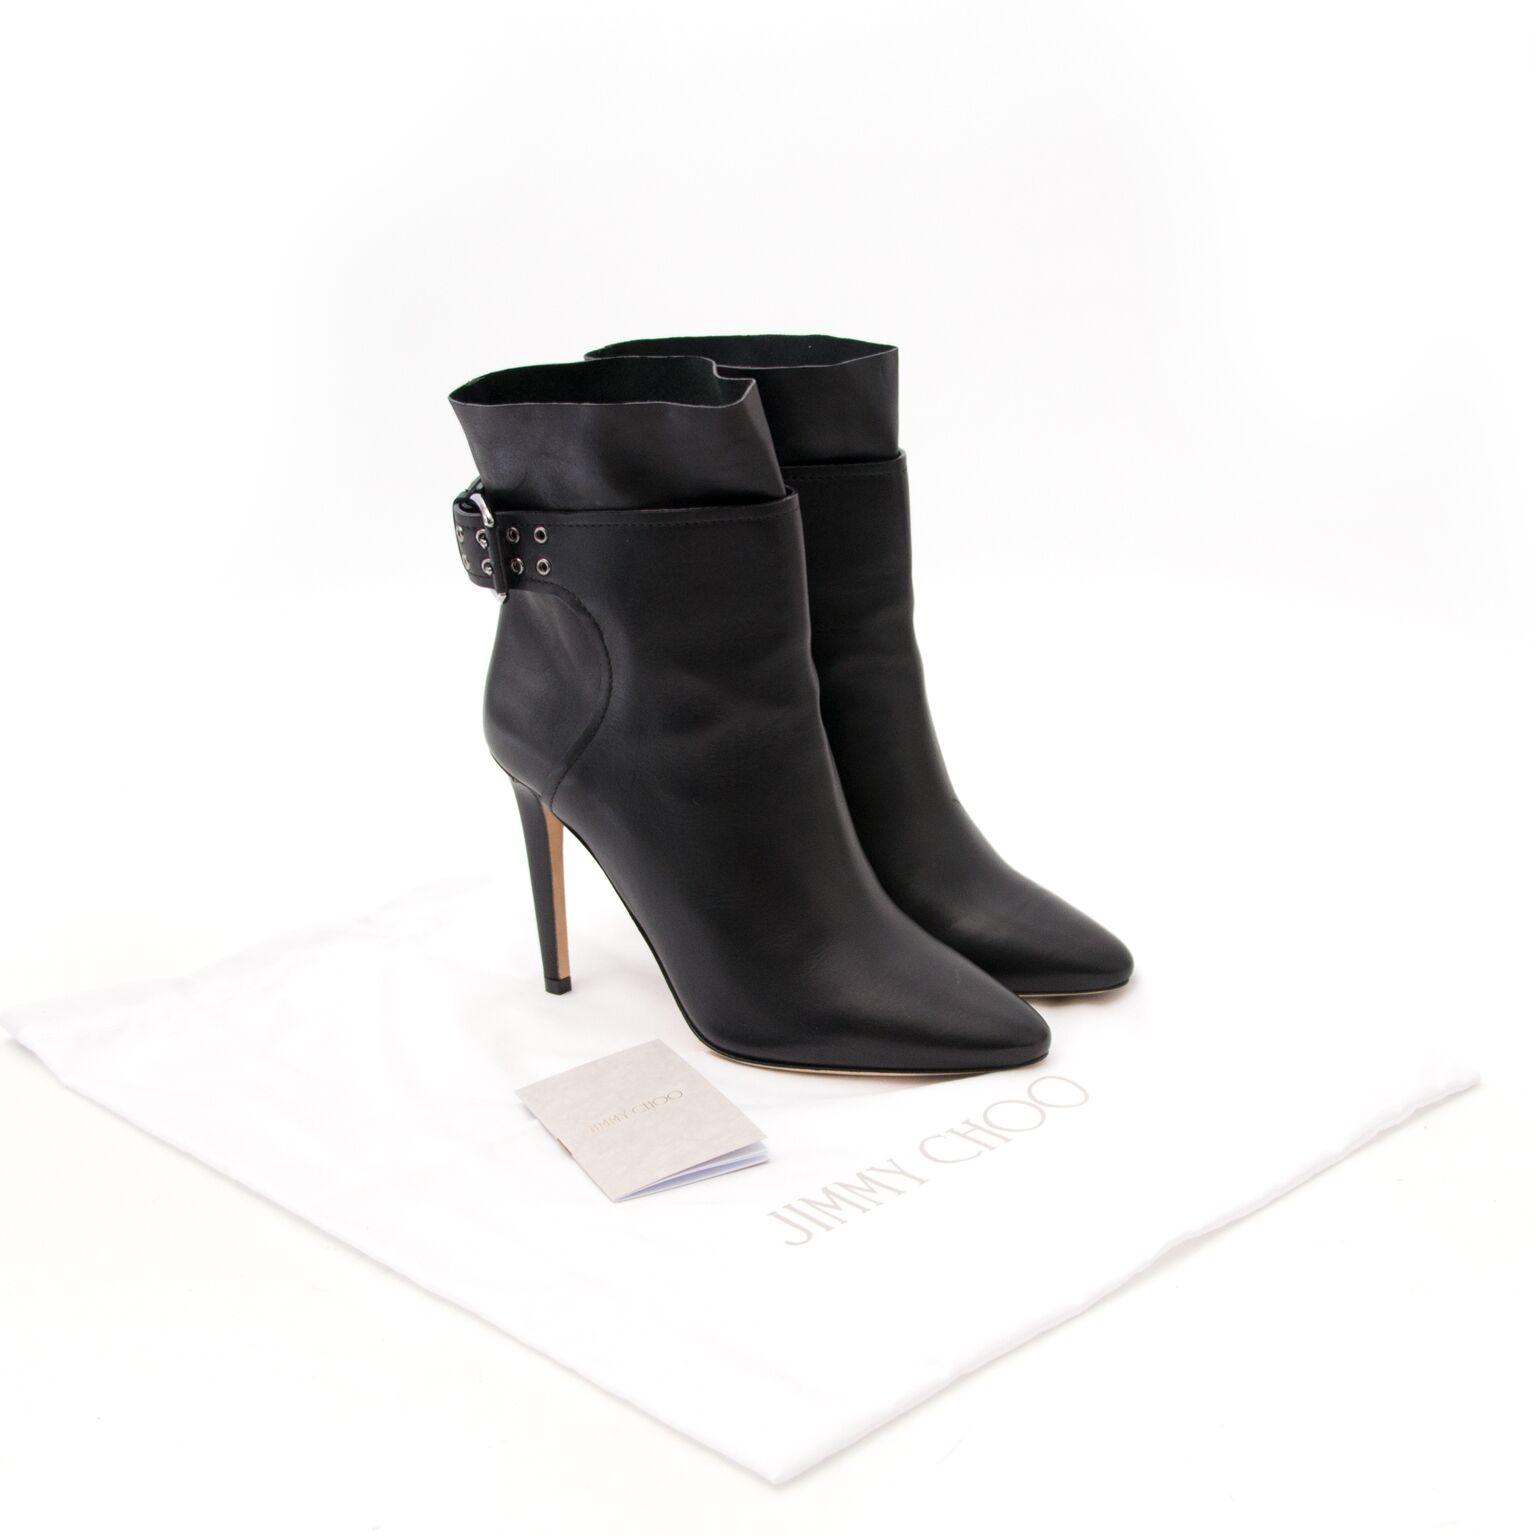 ab1f4b300c8d ... achetez maintenant des bottes de jimmy choo chez labellov.com